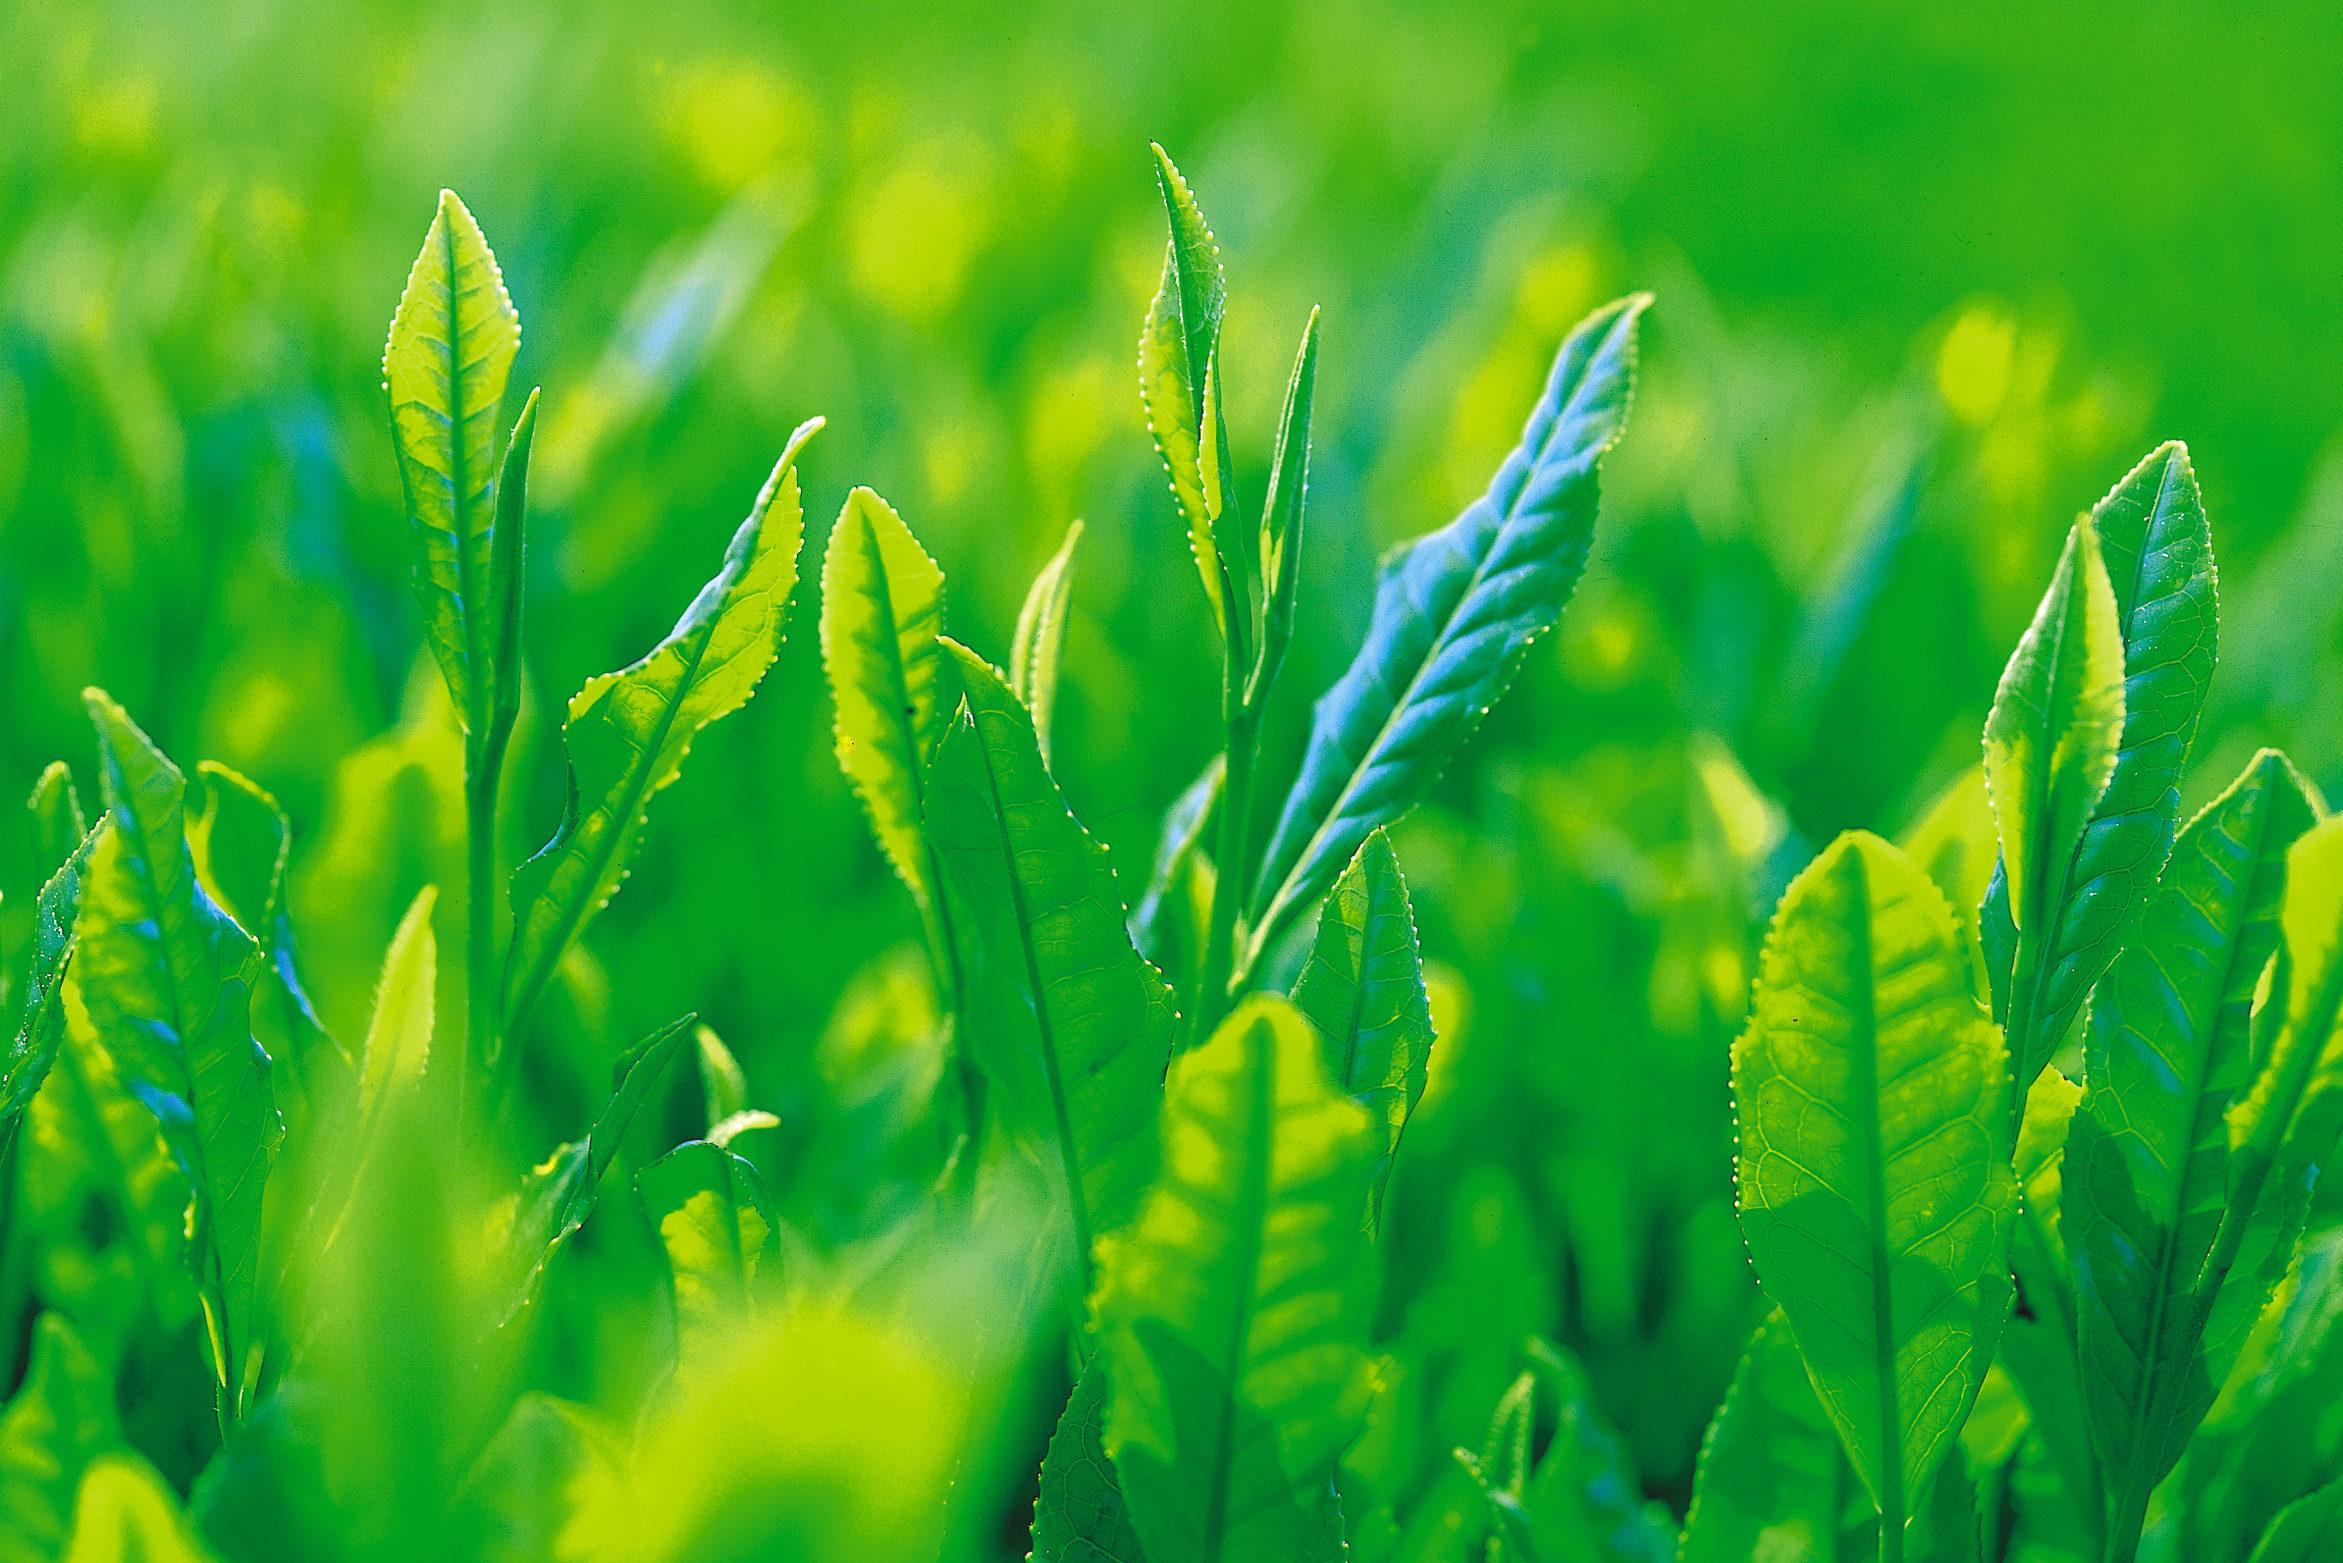 狭山茶の新芽